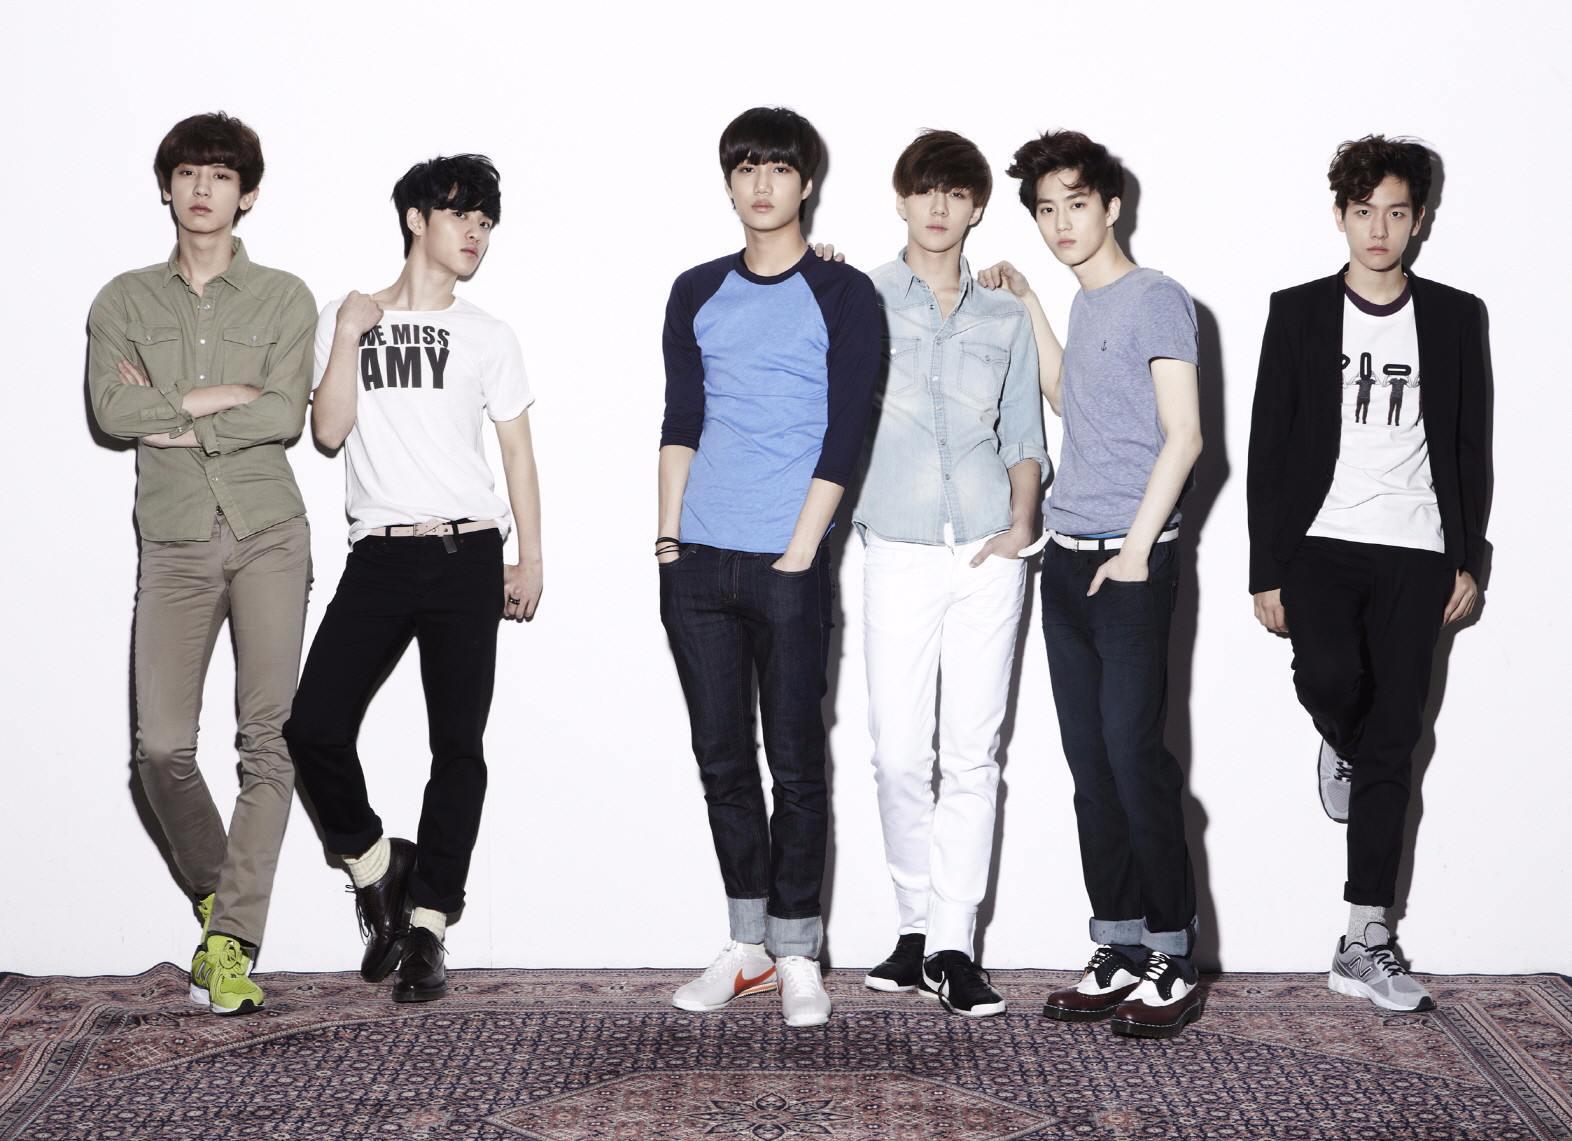 EXO 2012年4月8日 比起出道照黑歷史,EXO應該是屬於出道超能力設定比較黑歷史XD 他們出道時的造型很青澀很帥>///<